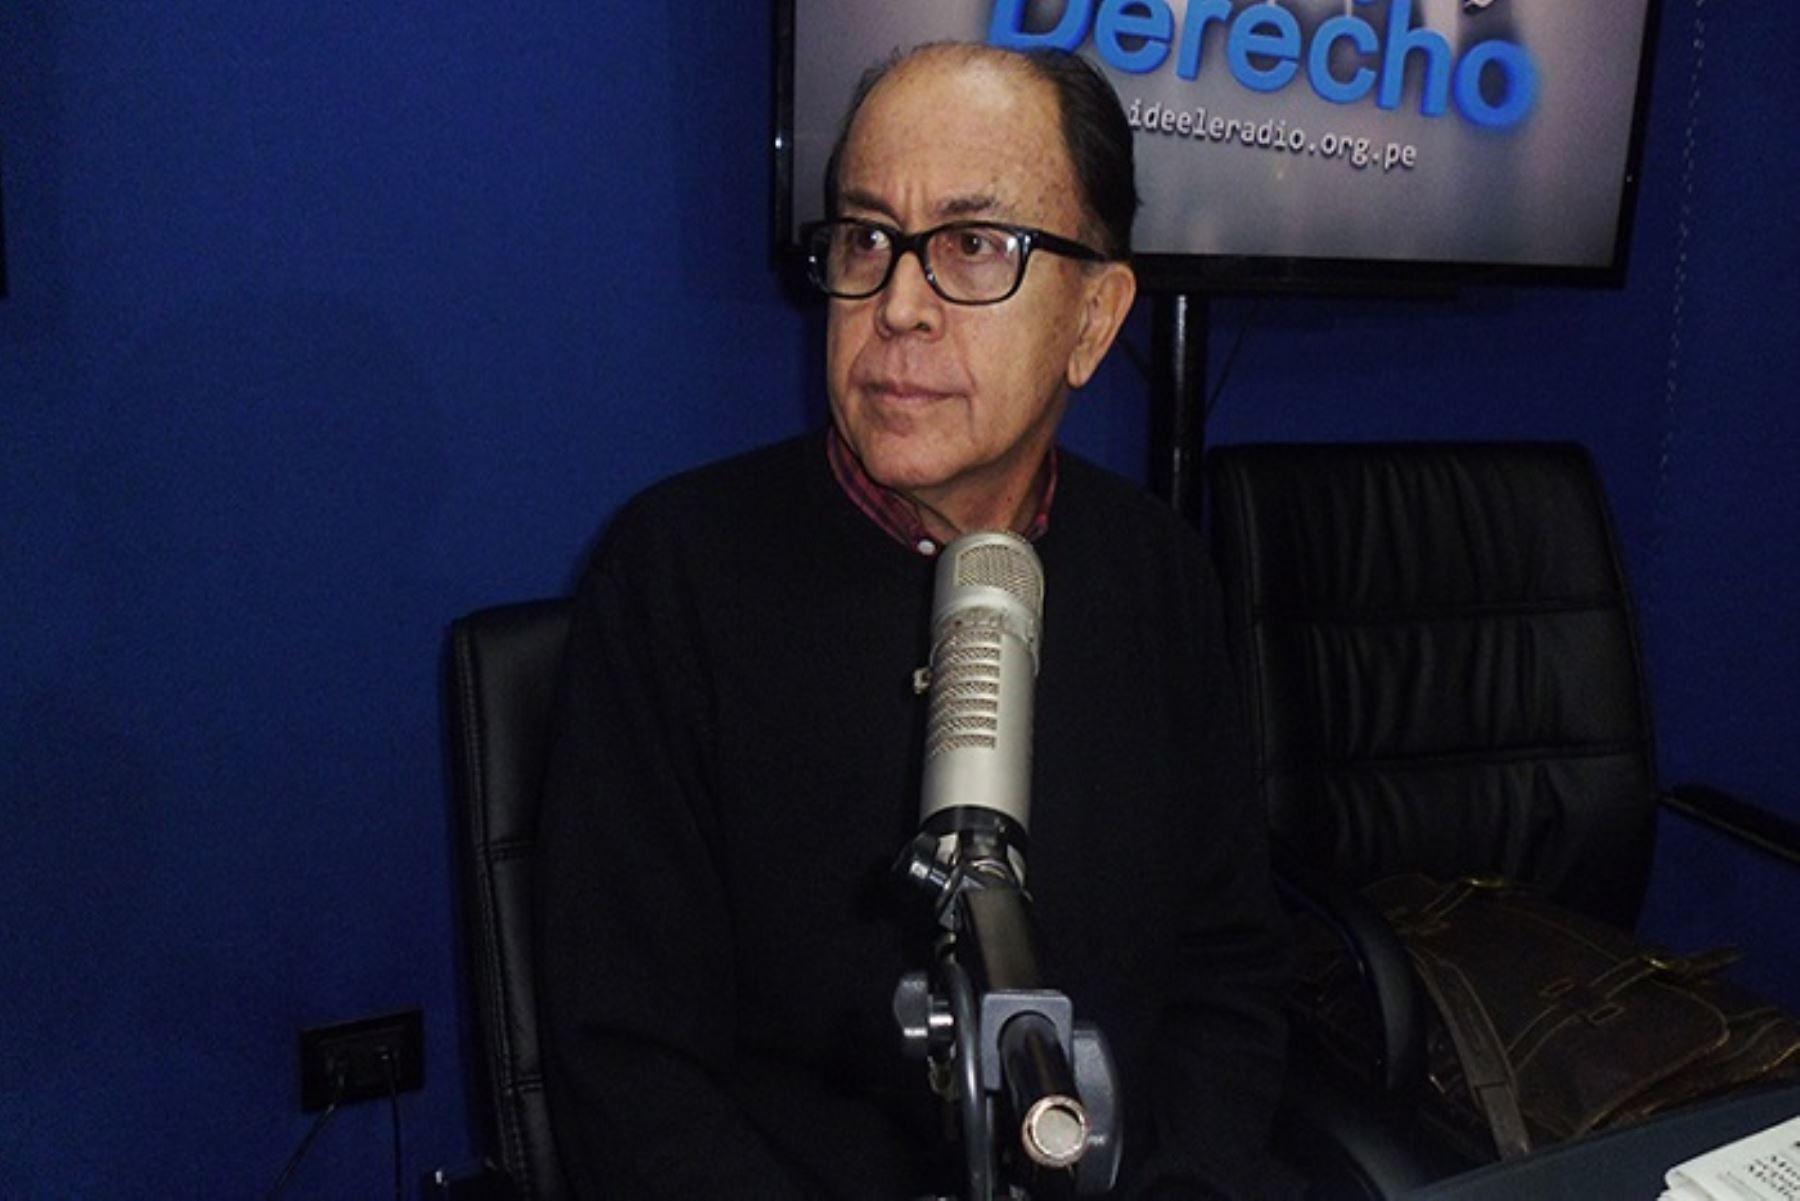 Politólogo Carlos Fernández Fontenoy. Foto: Cortesía Ideeleradio.